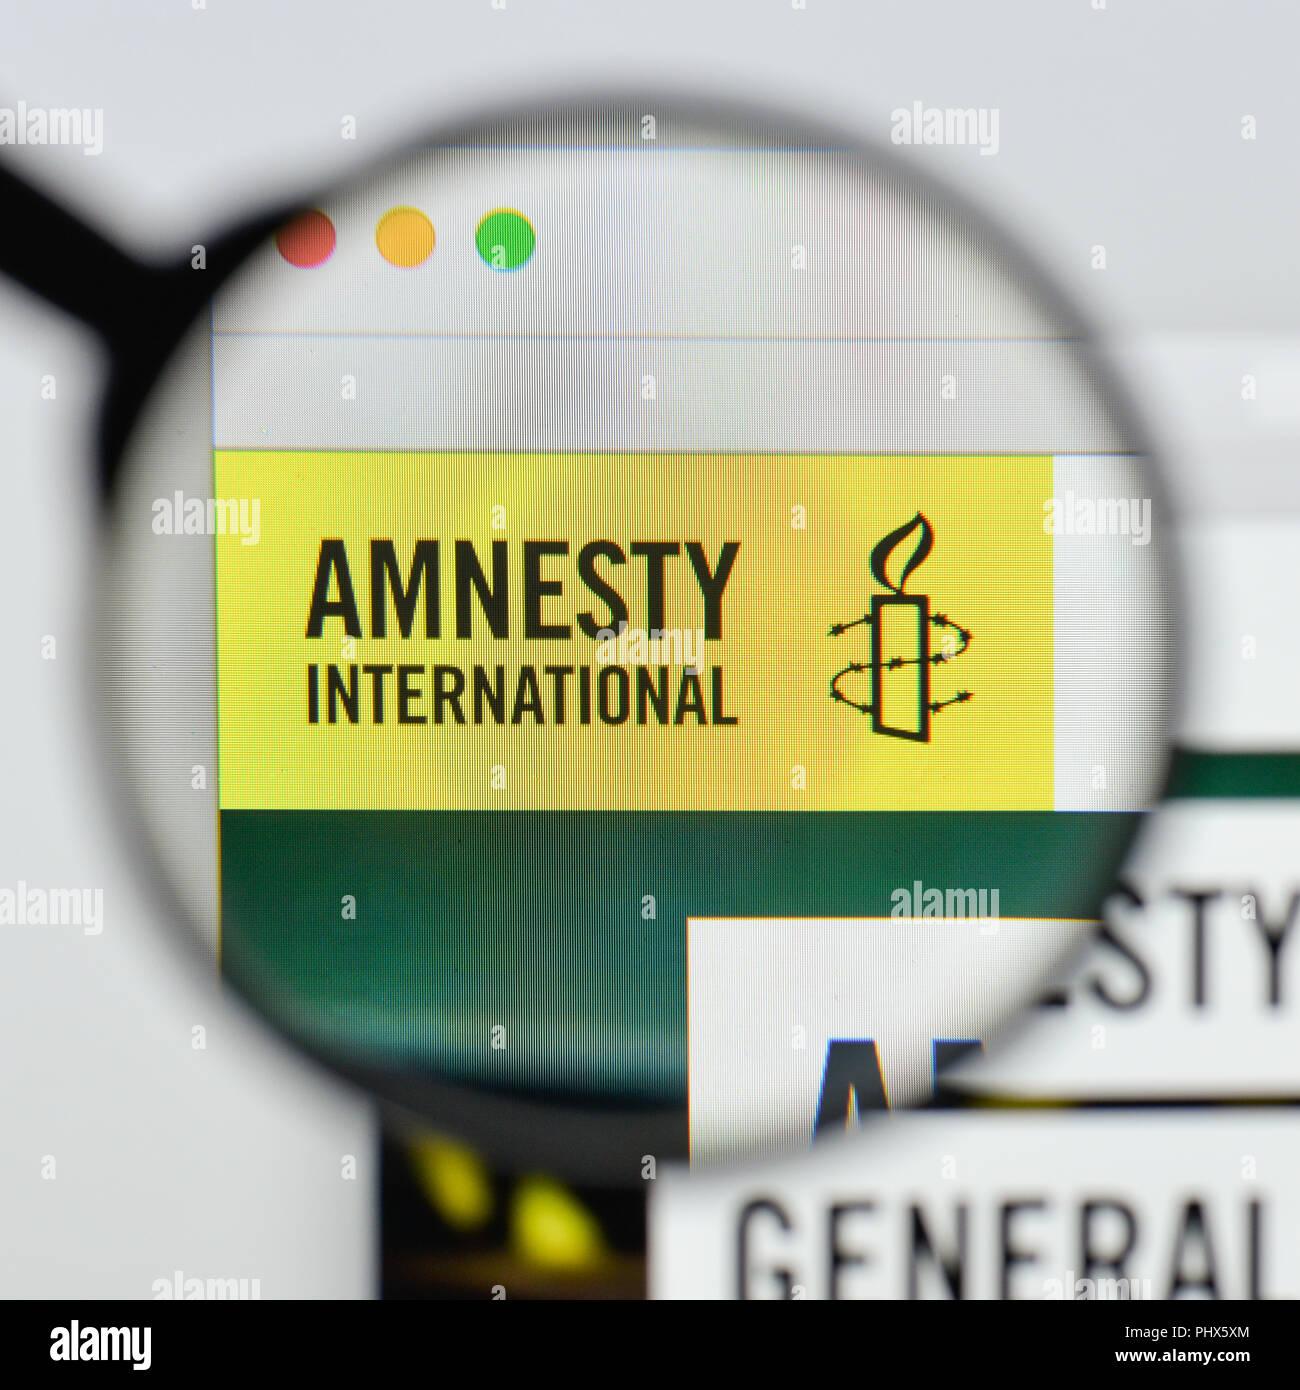 amnesty international logo stock photos amp amnesty